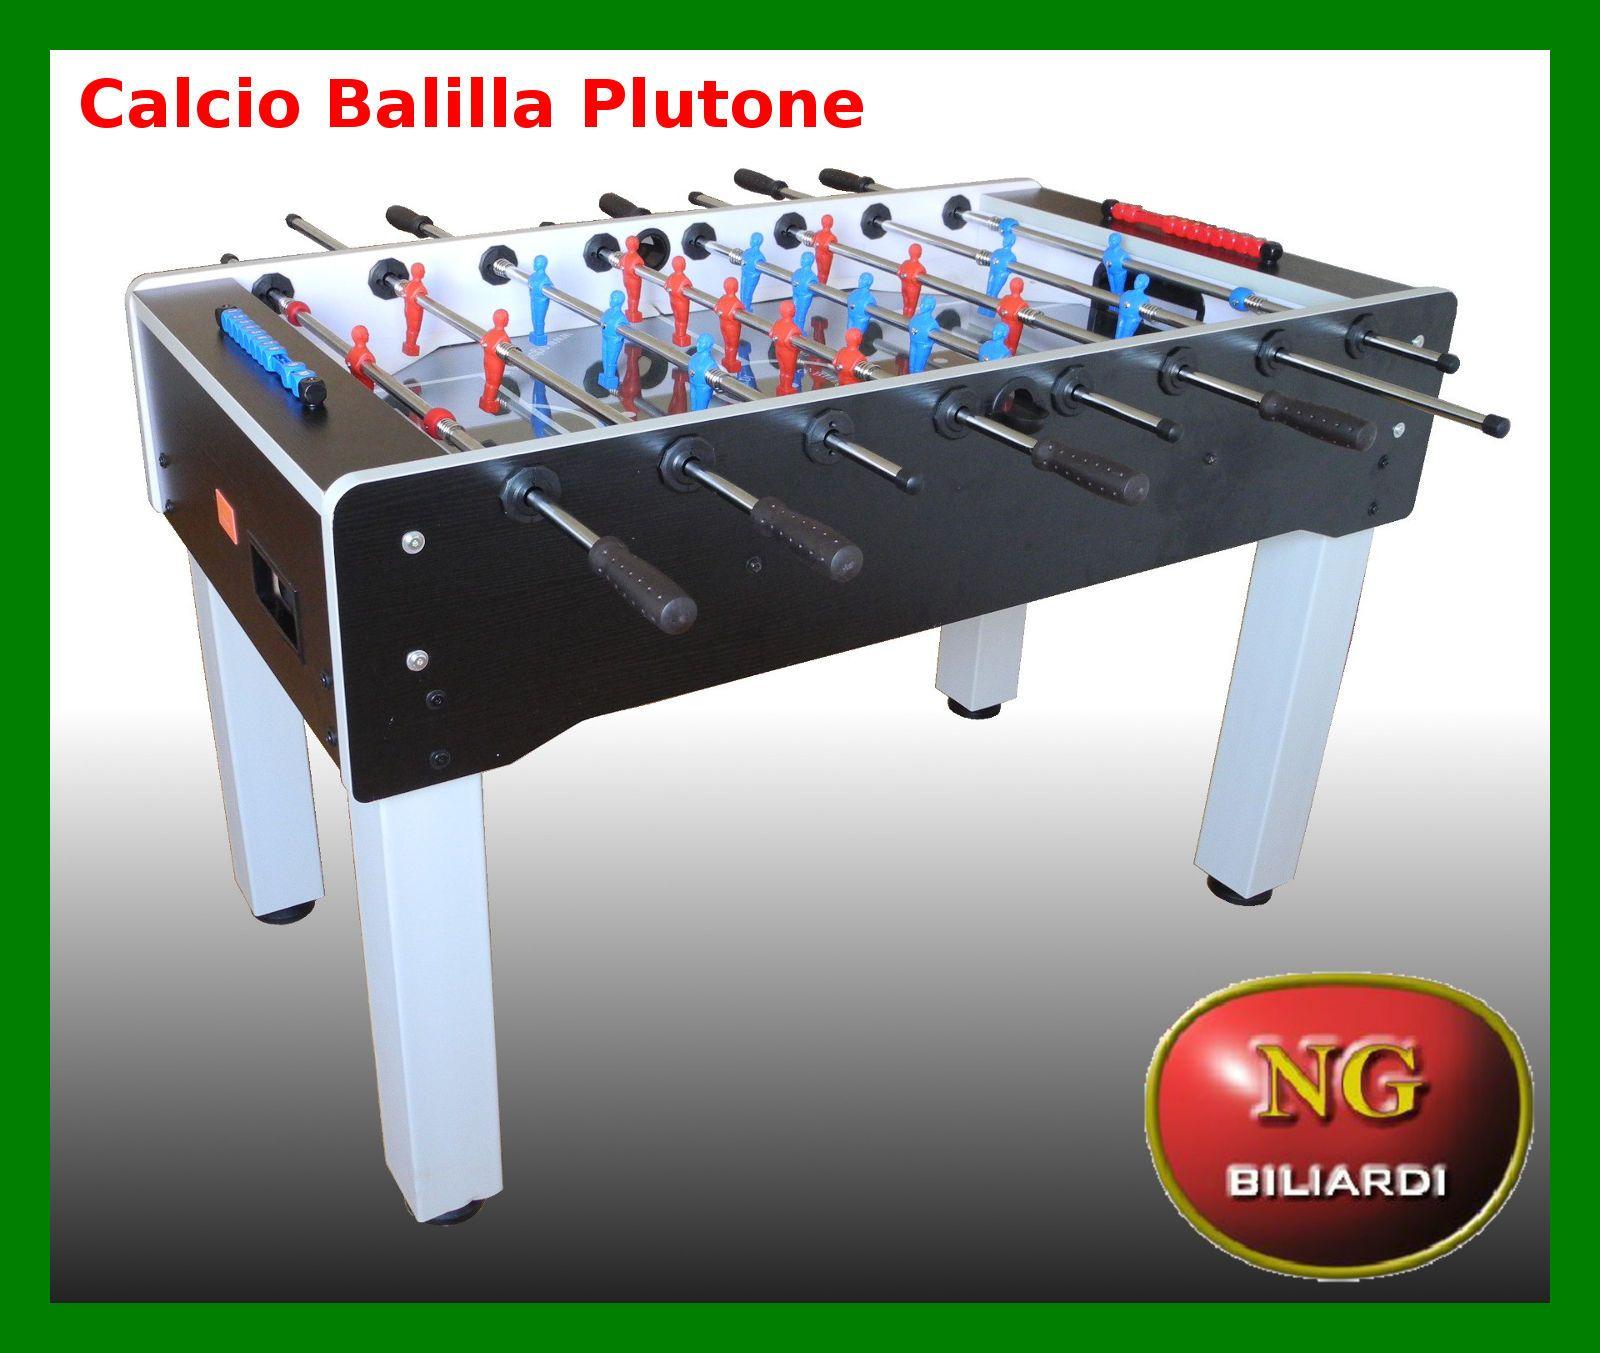 Biliardino usato tutte le offerte cascare a fagiolo - Calcio balilla tavolo ...